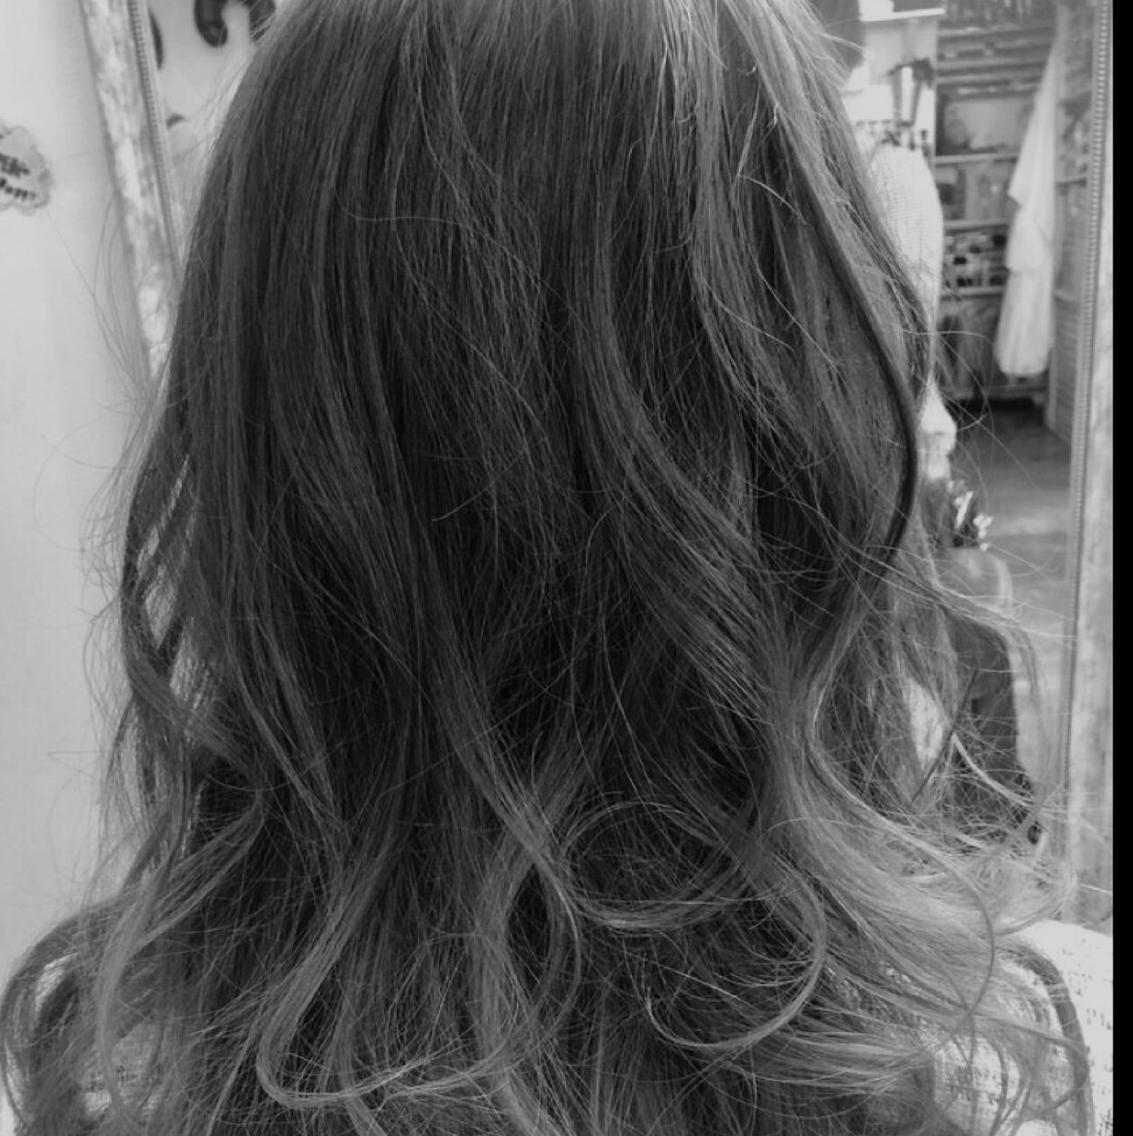 すぐ予約OK☆人気店☆アッシュグレーカラーが上手な美容室☆自然な黒染めやブリーチを使ったハイトーンカラーなどヘアケアマイスターのいる美容室です。ロング料金ナシ★イルミナカラーなどなど…。